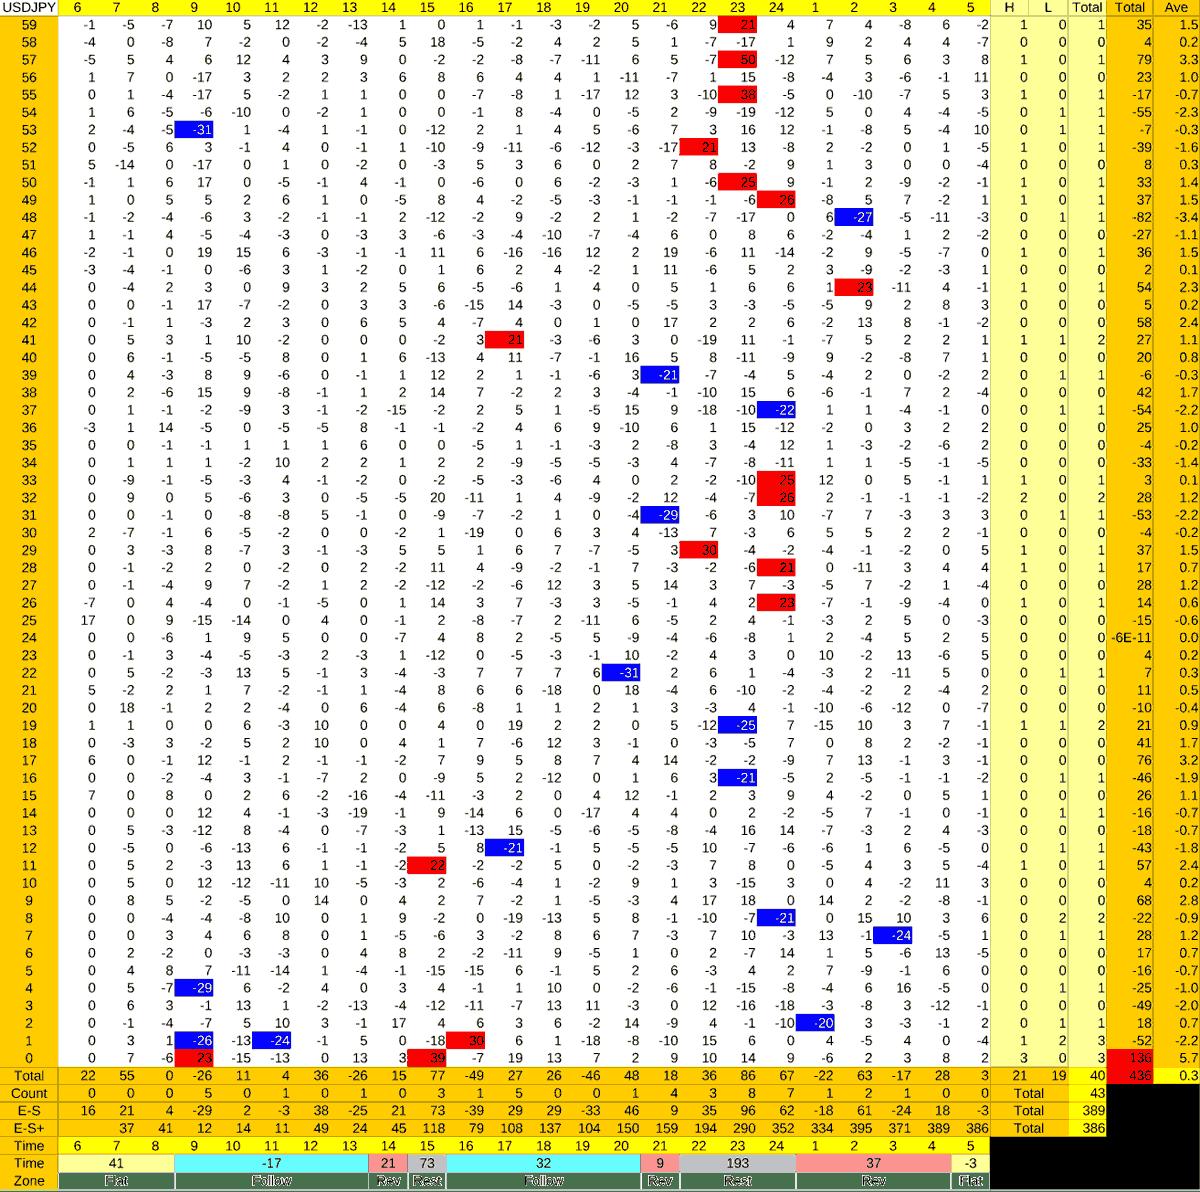 20210526_HS(1)USDJPY-